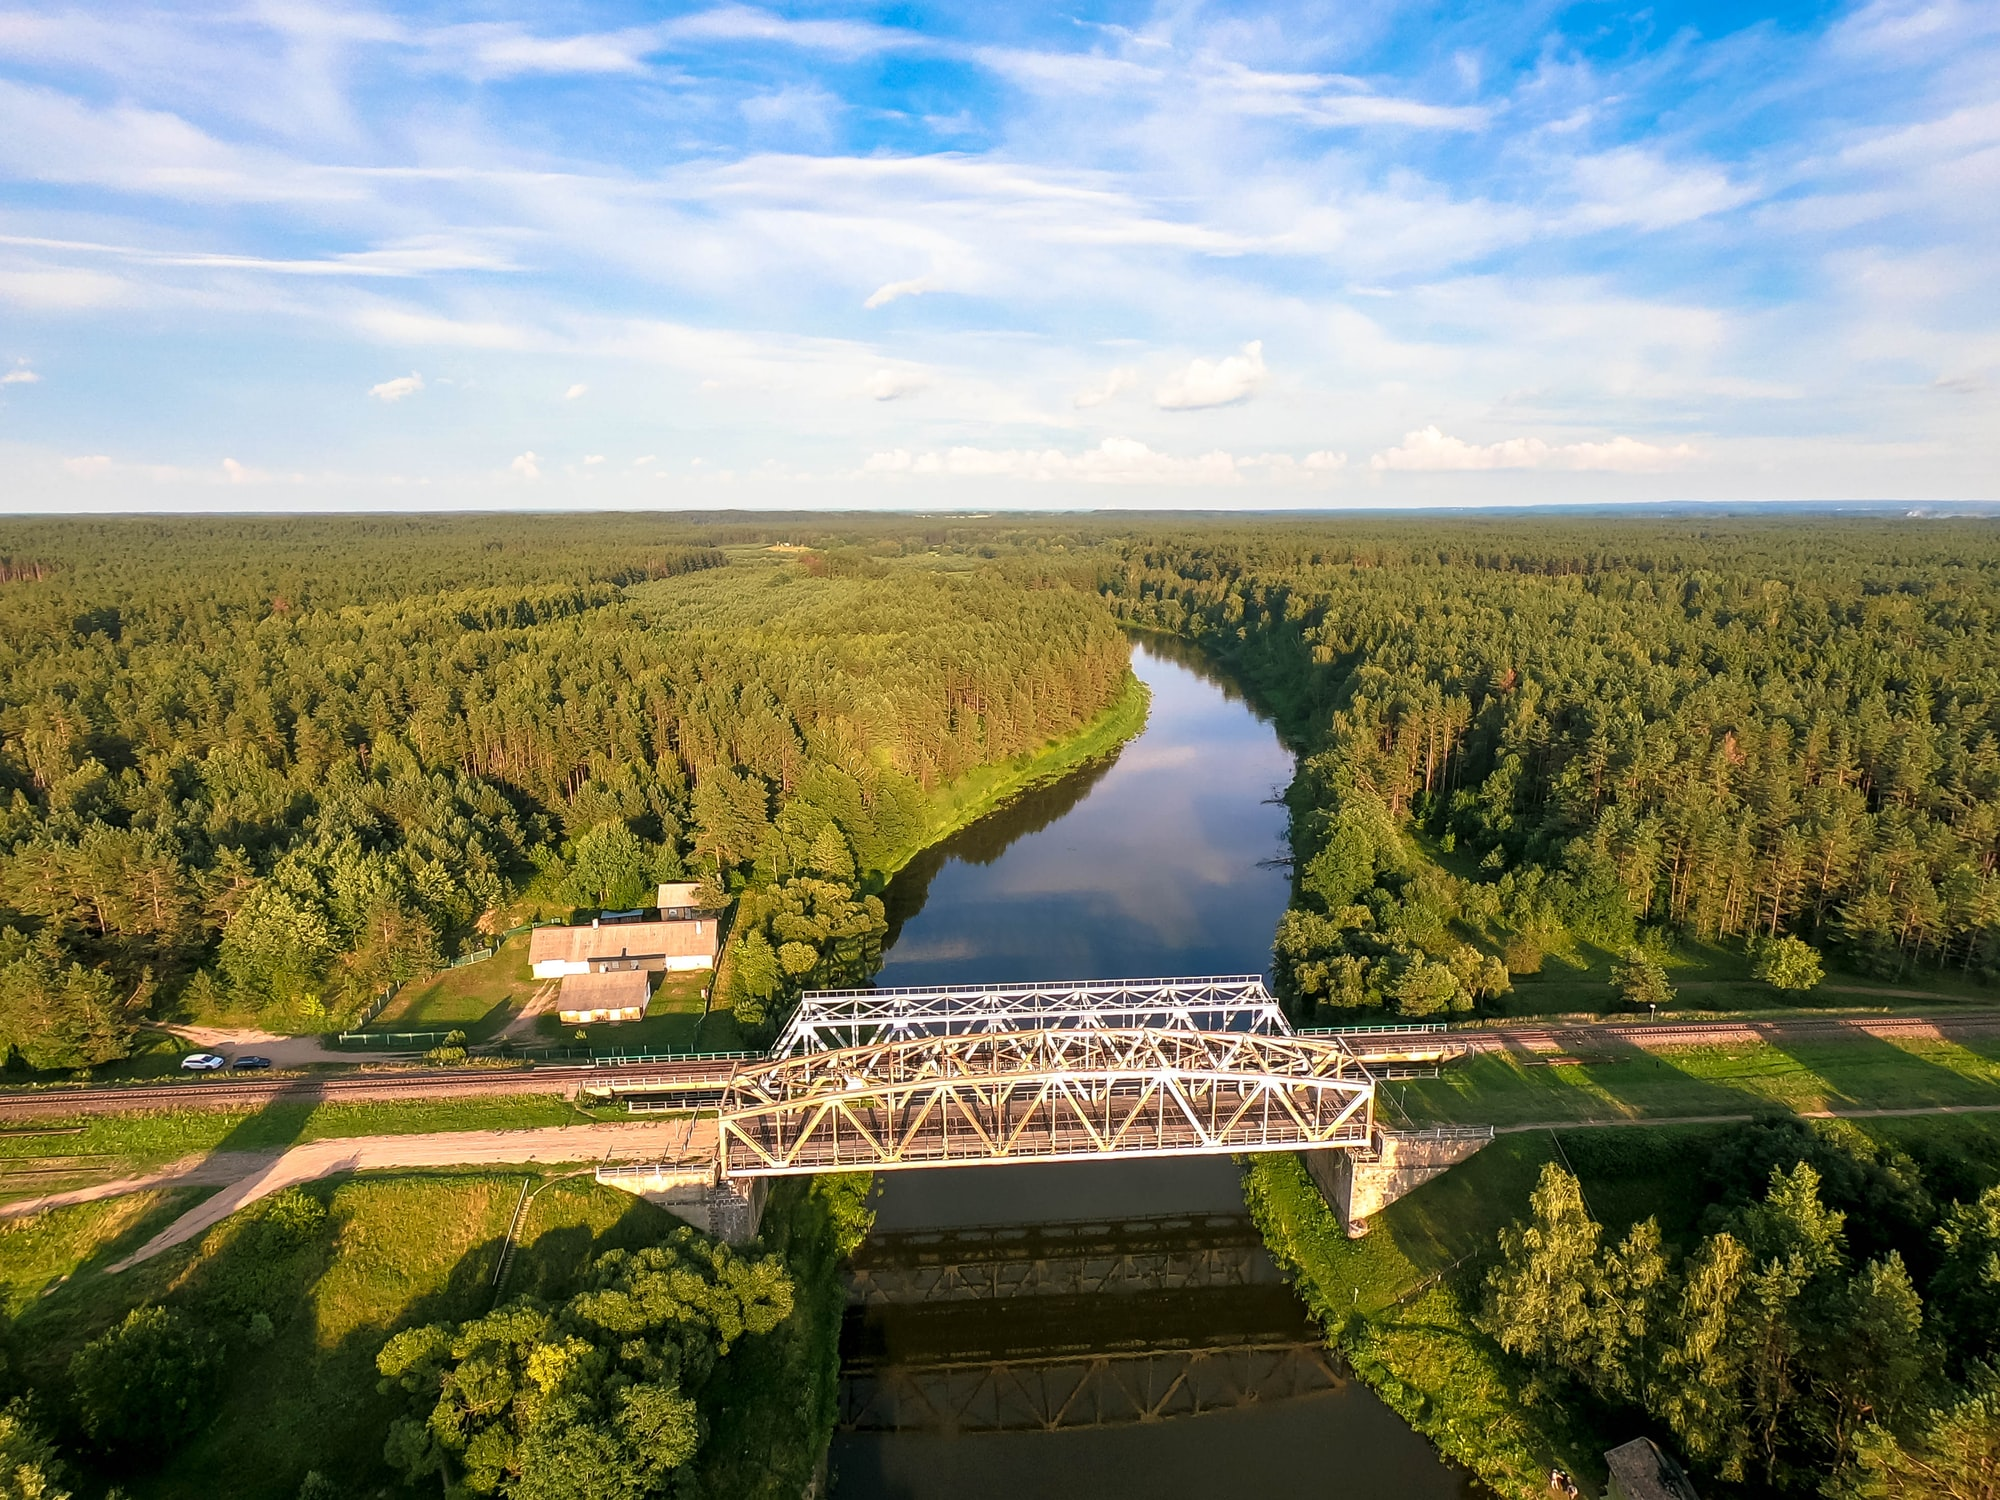 Litvanya'nın Plakası Bulmaca Anlamı Nedir?